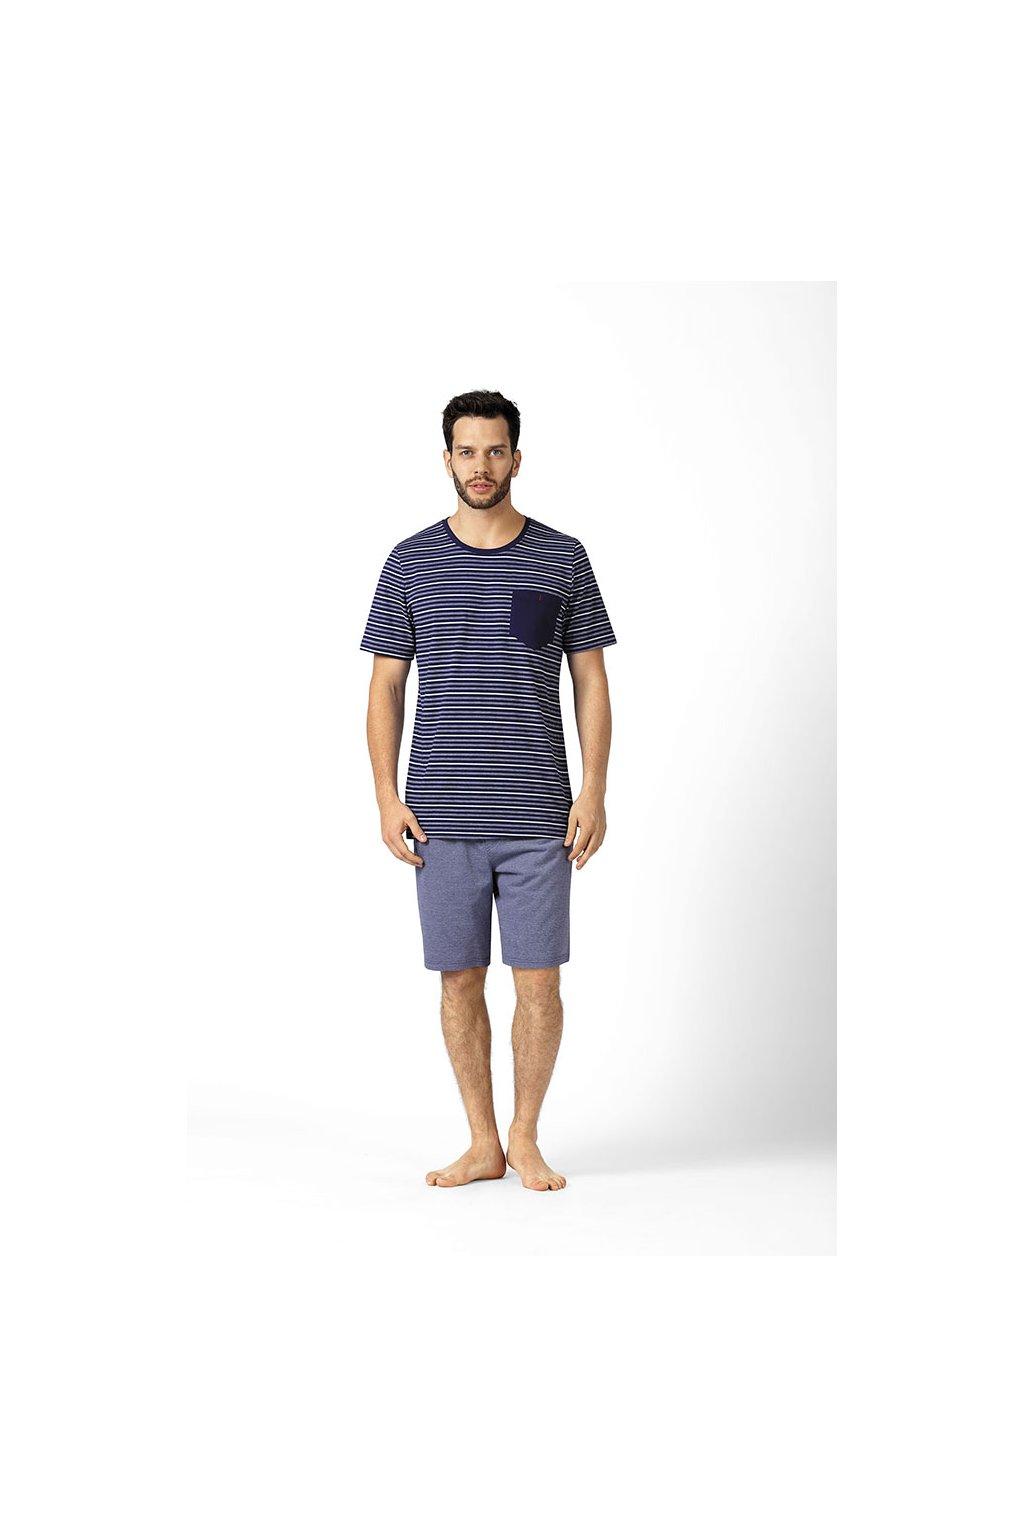 Pánské pyžamo s krátkým rukávem, 20496 163, tmavě modrá